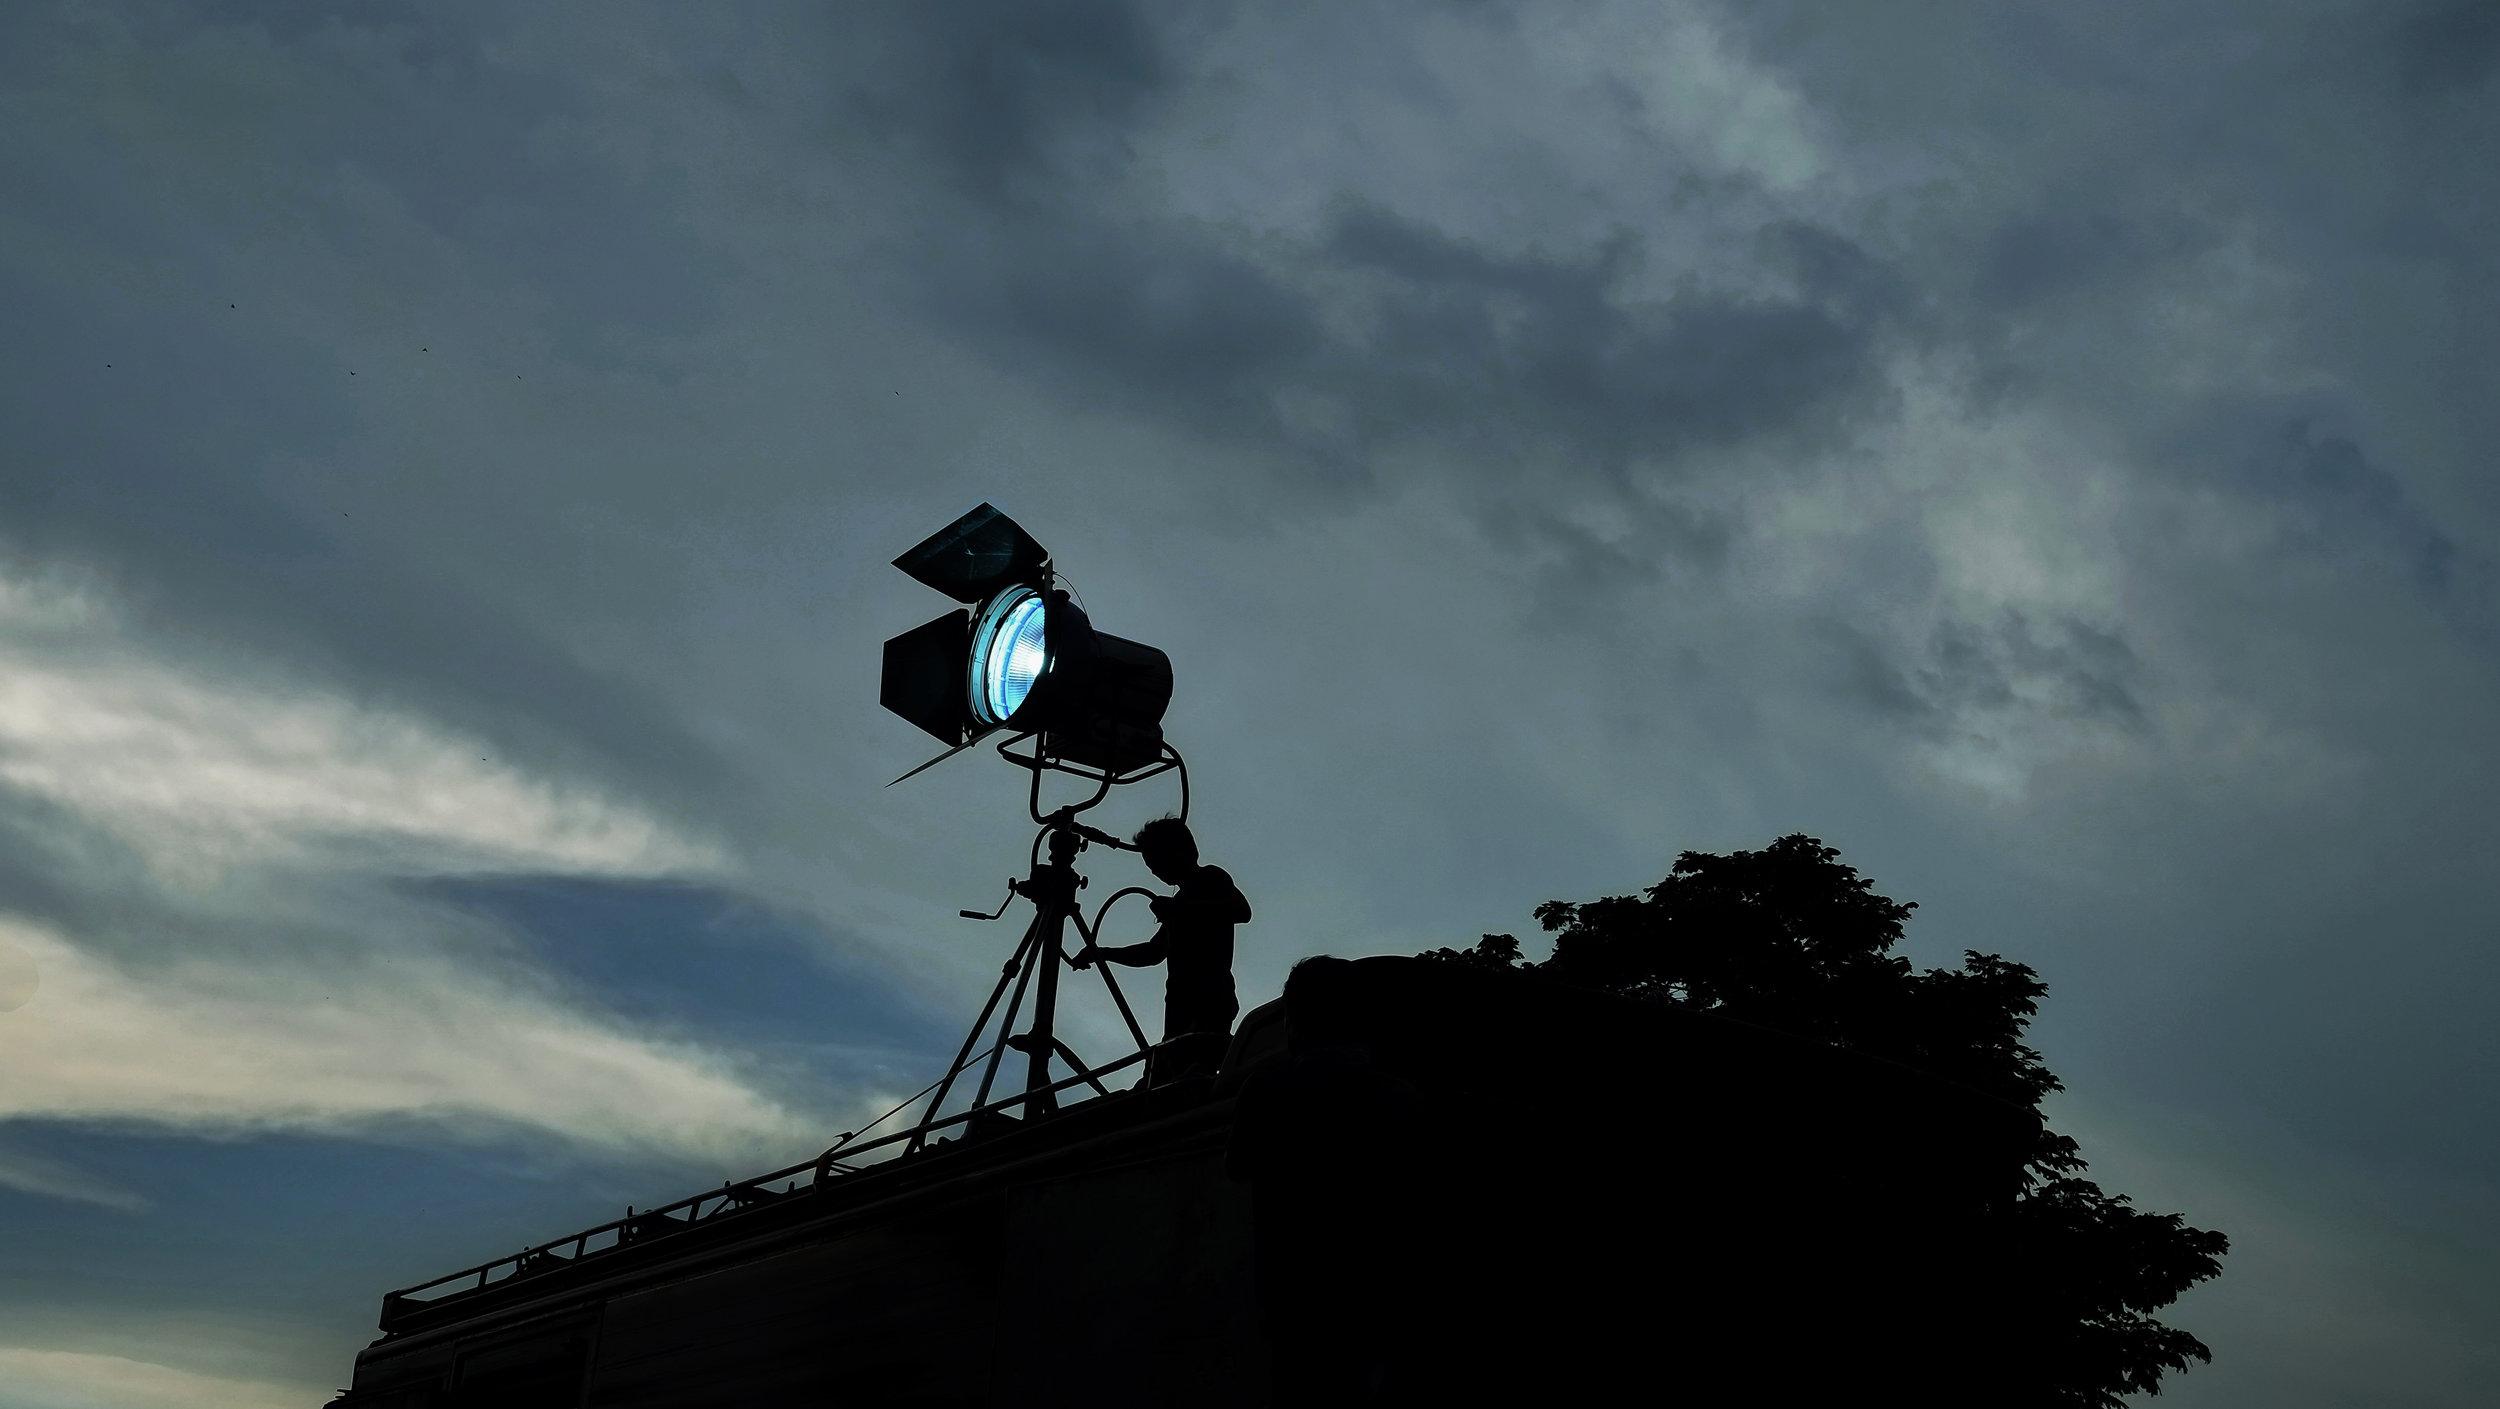 Torsdag 27. september holder Deluxefilm bransjetreff for lys.